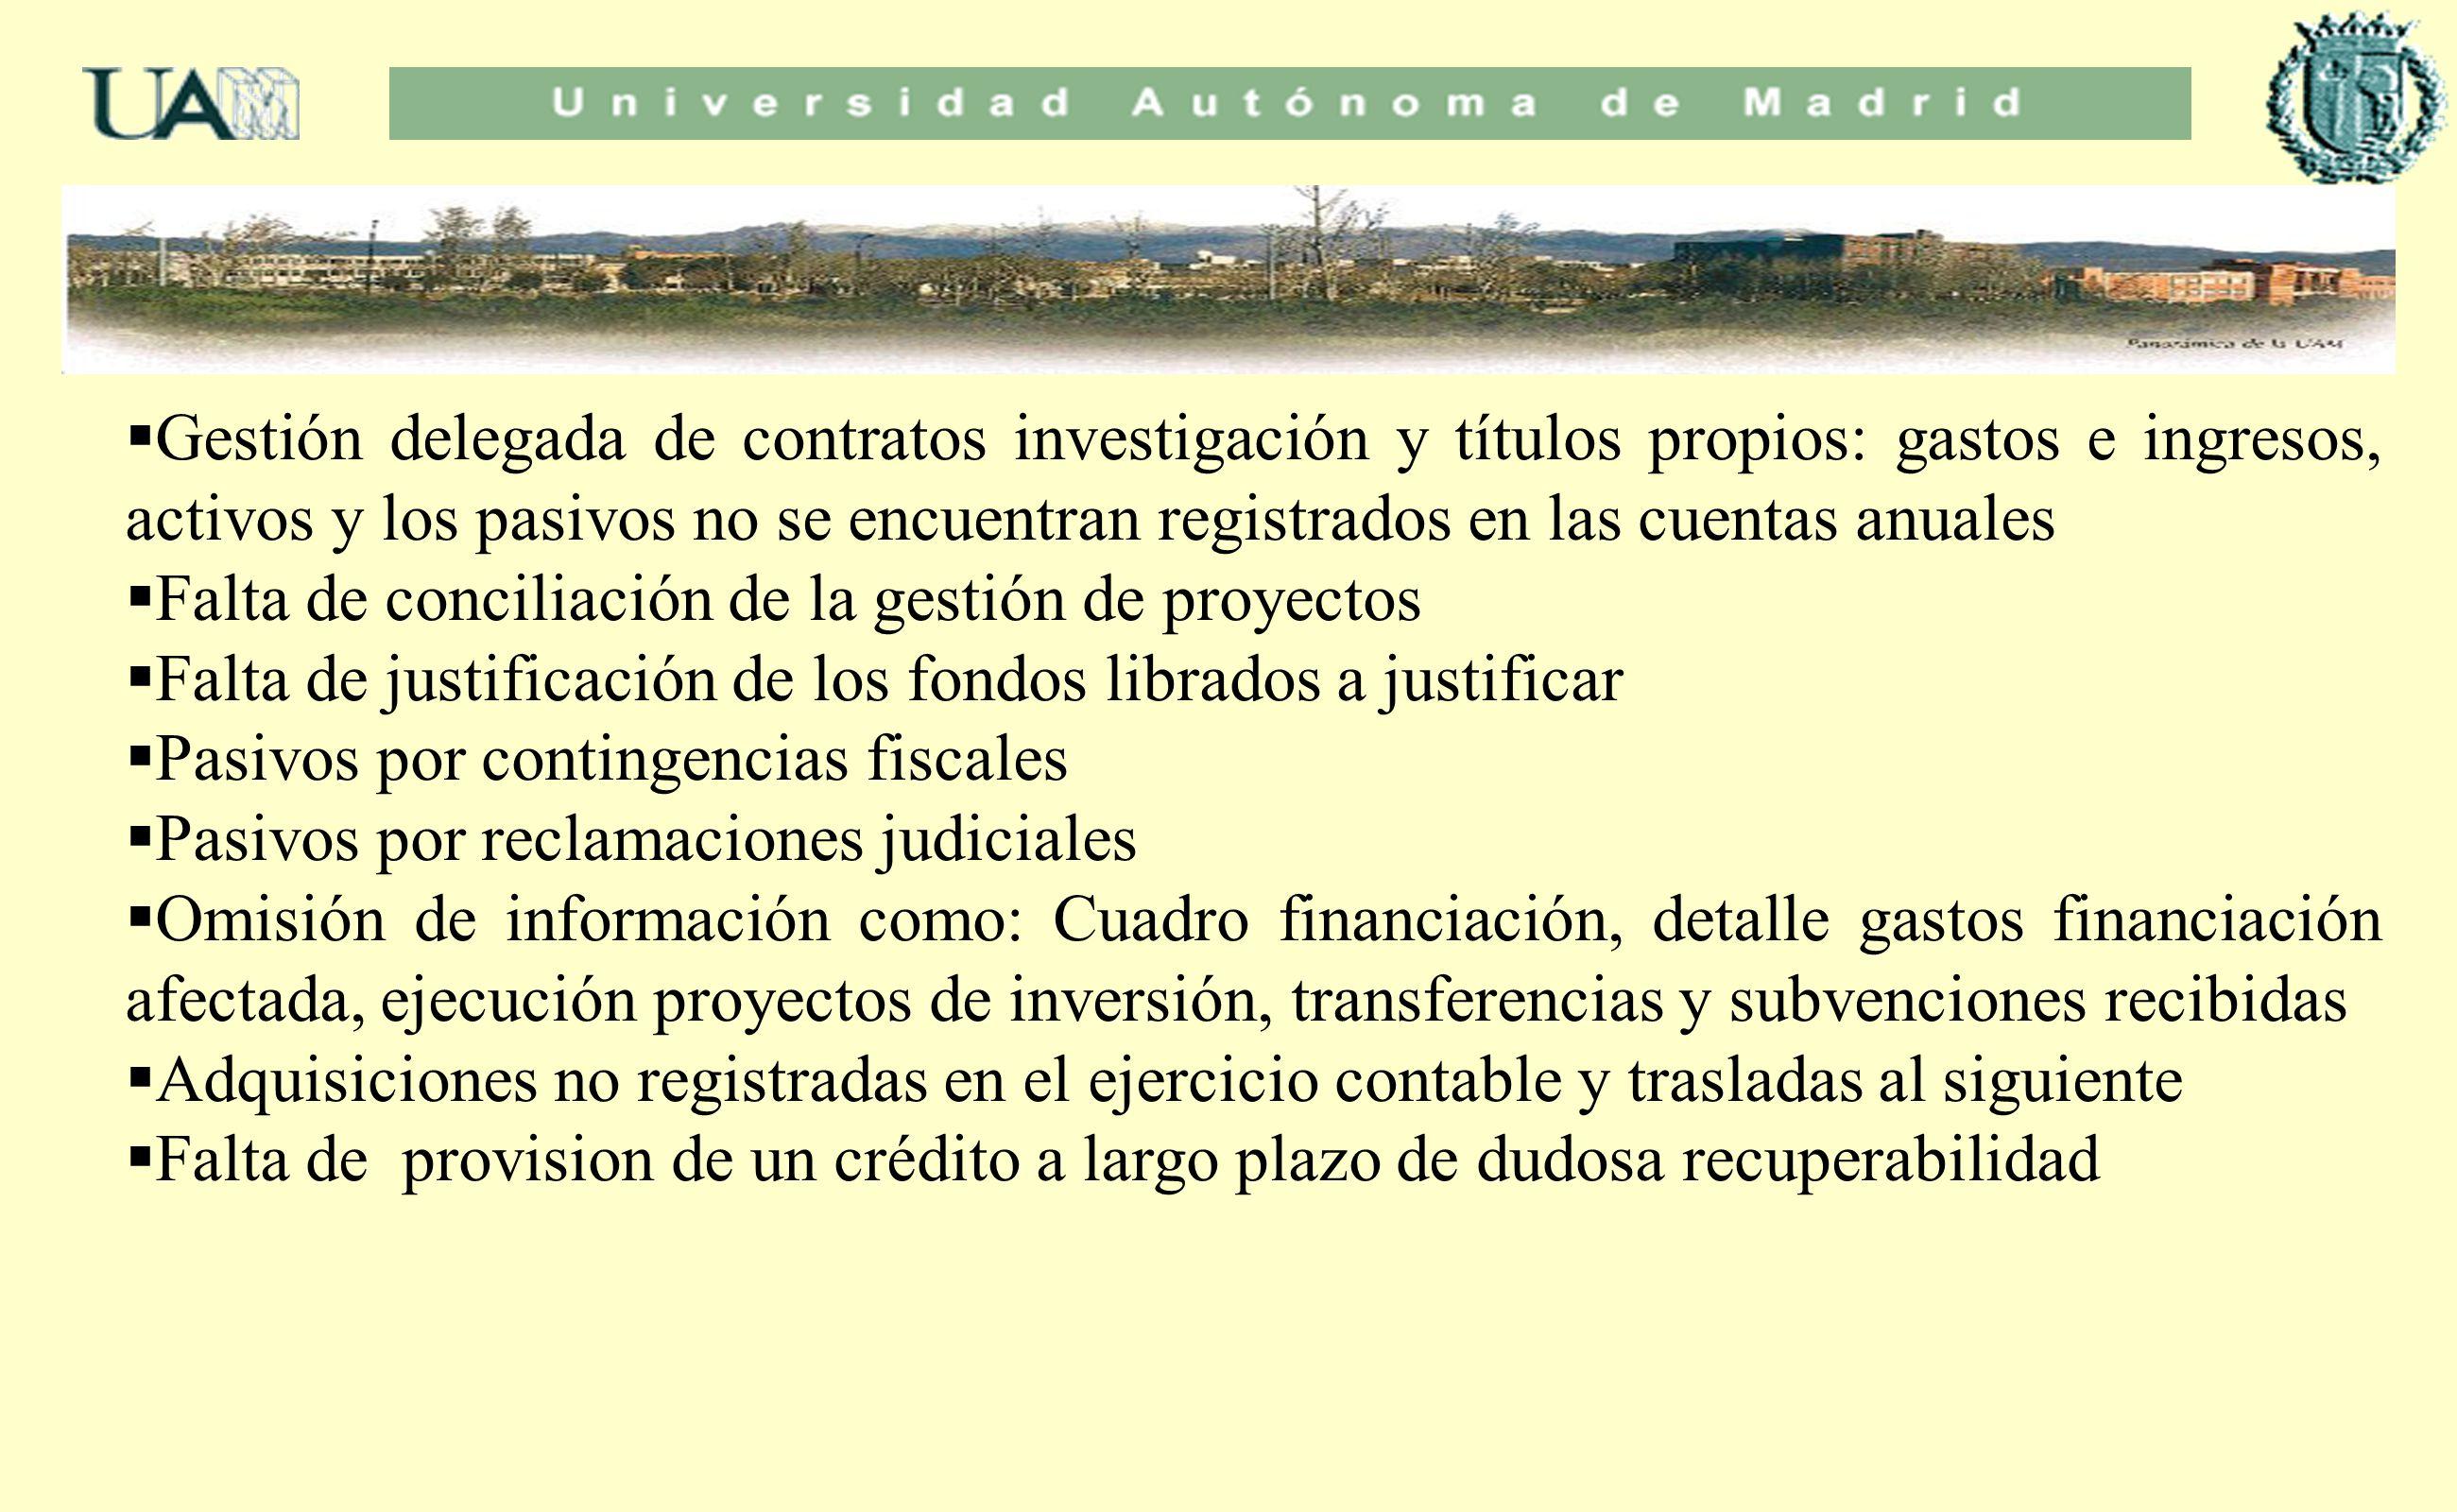 Gestión delegada de contratos investigación y títulos propios: gastos e ingresos, activos y los pasivos no se encuentran registrados en las cuentas an